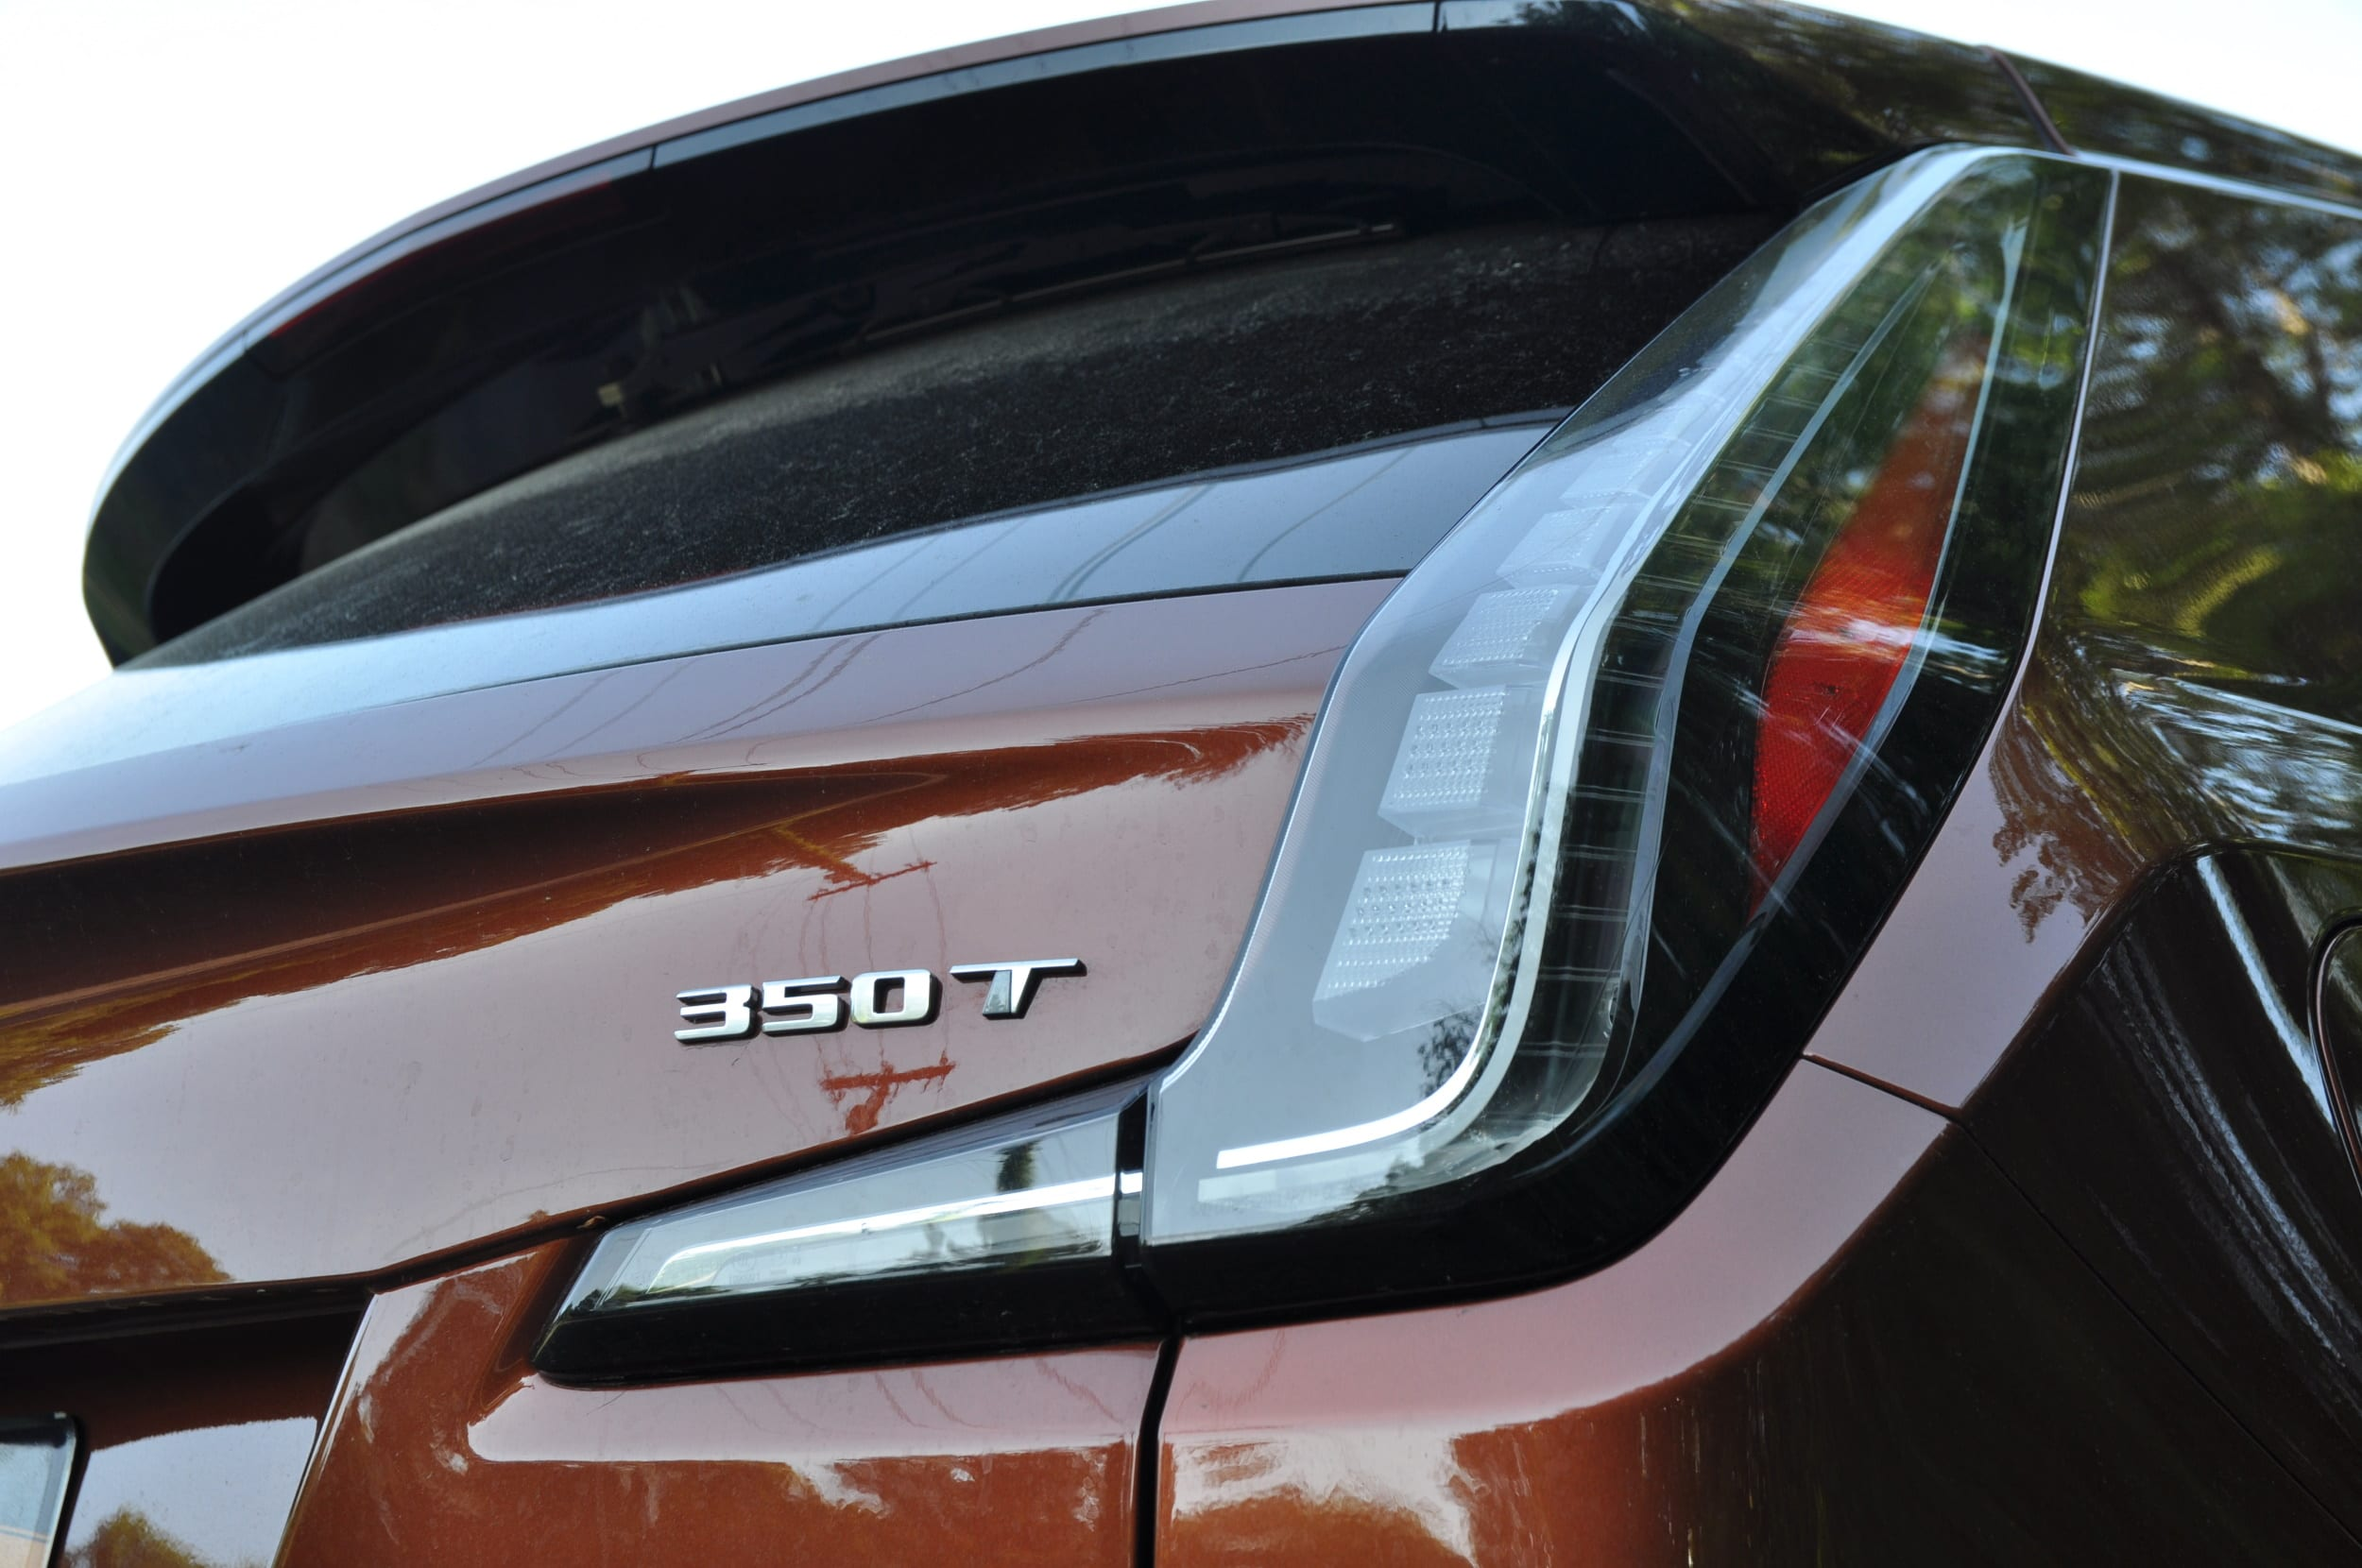 cadillac xt4 rear taillight